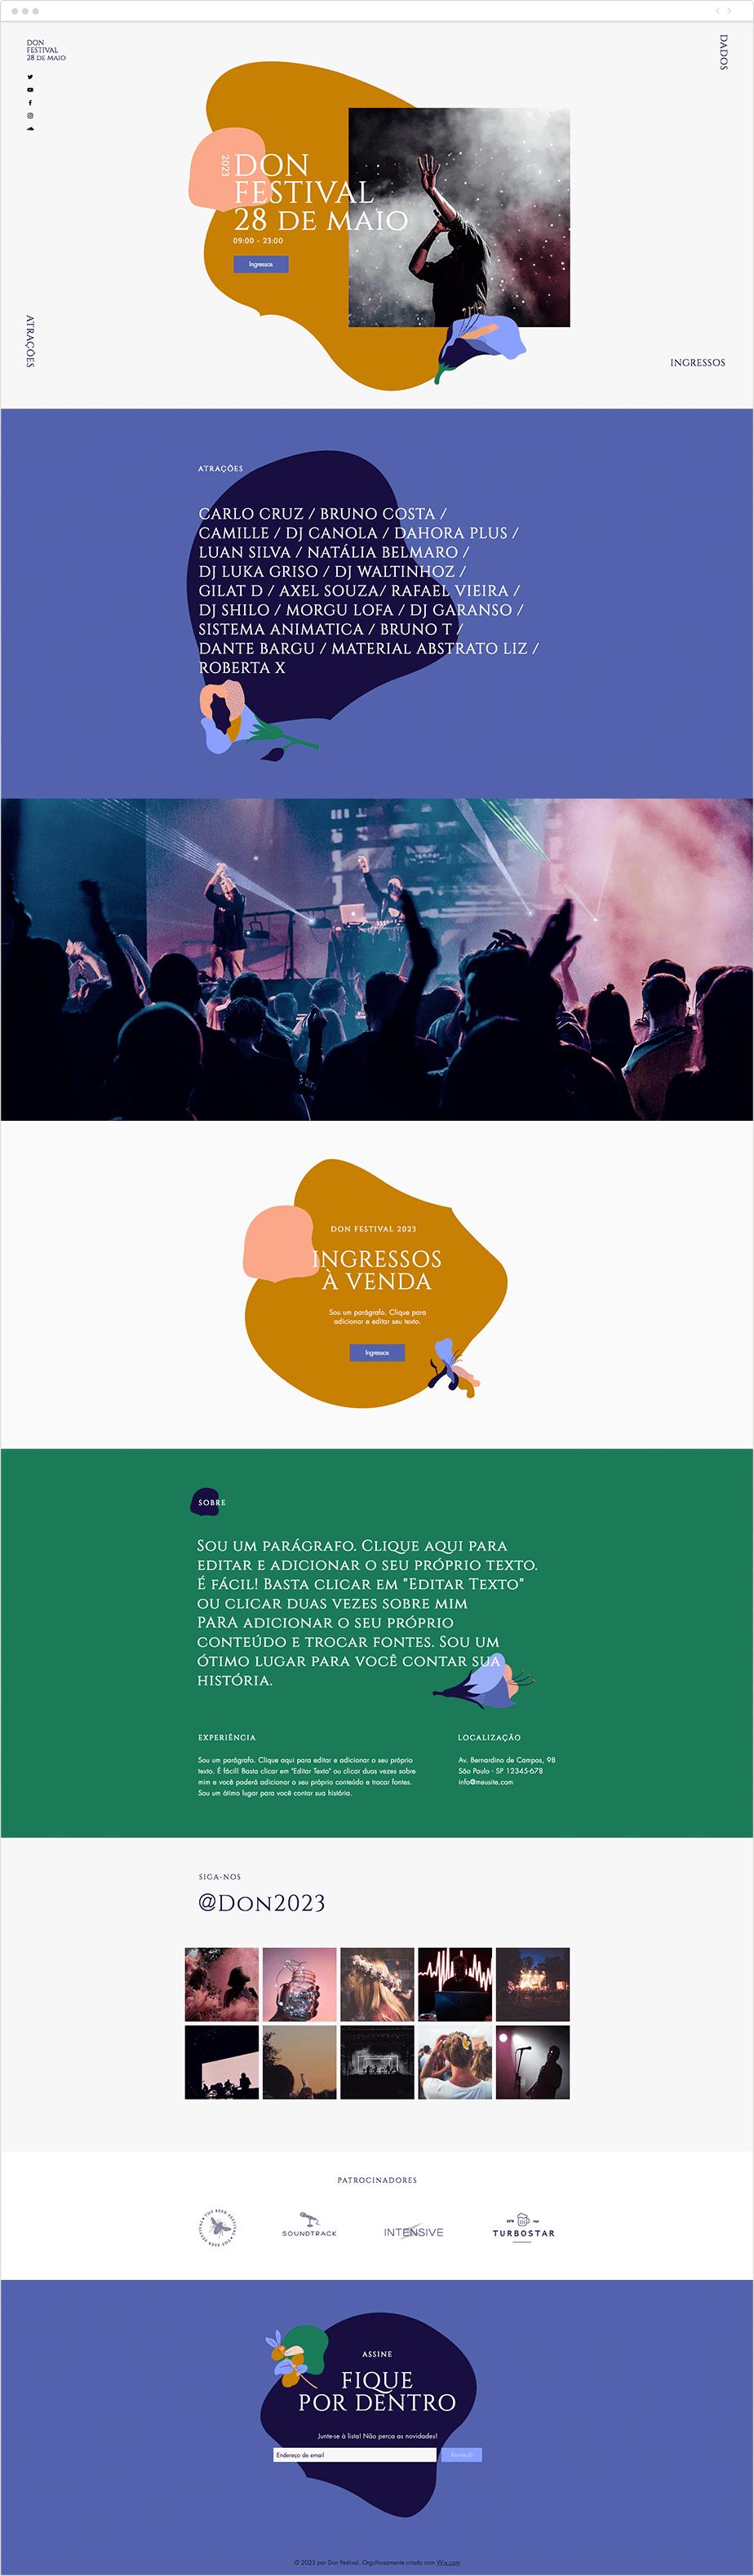 Template para Site de Festival Musical